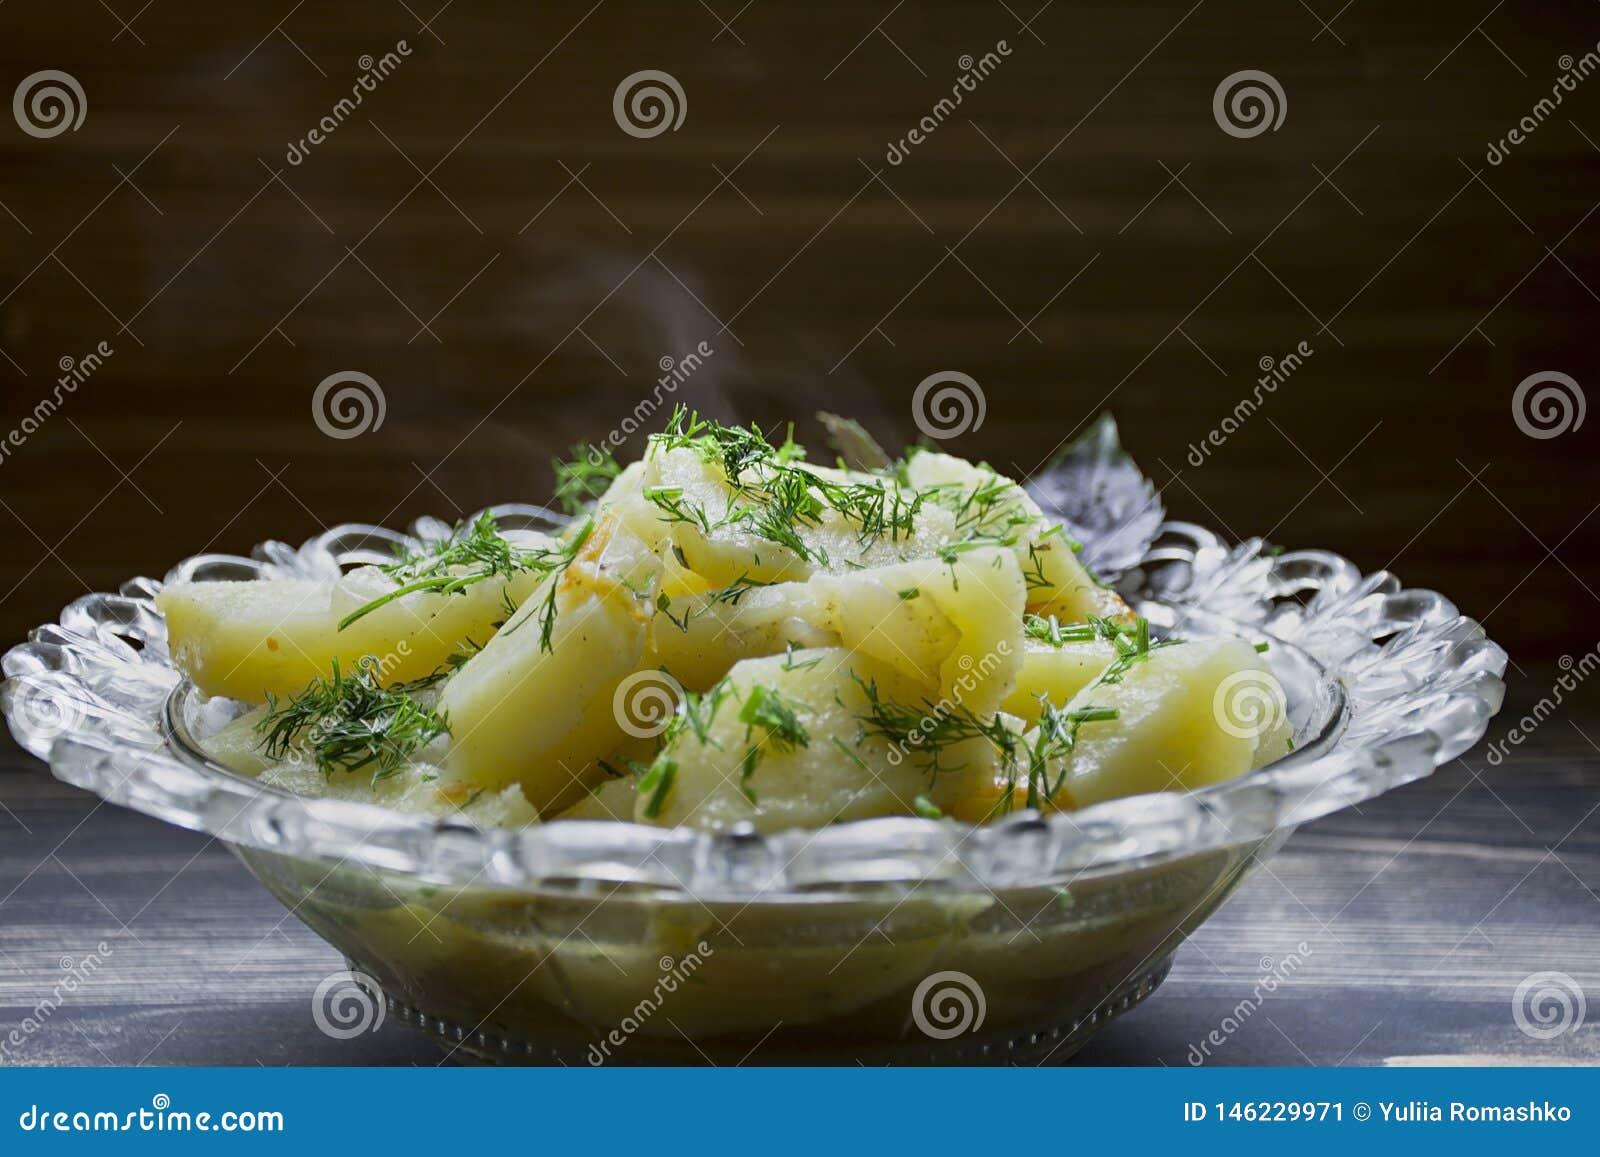 Patata stufata con le verdure e le erbe Pranzo saporito e nutriente